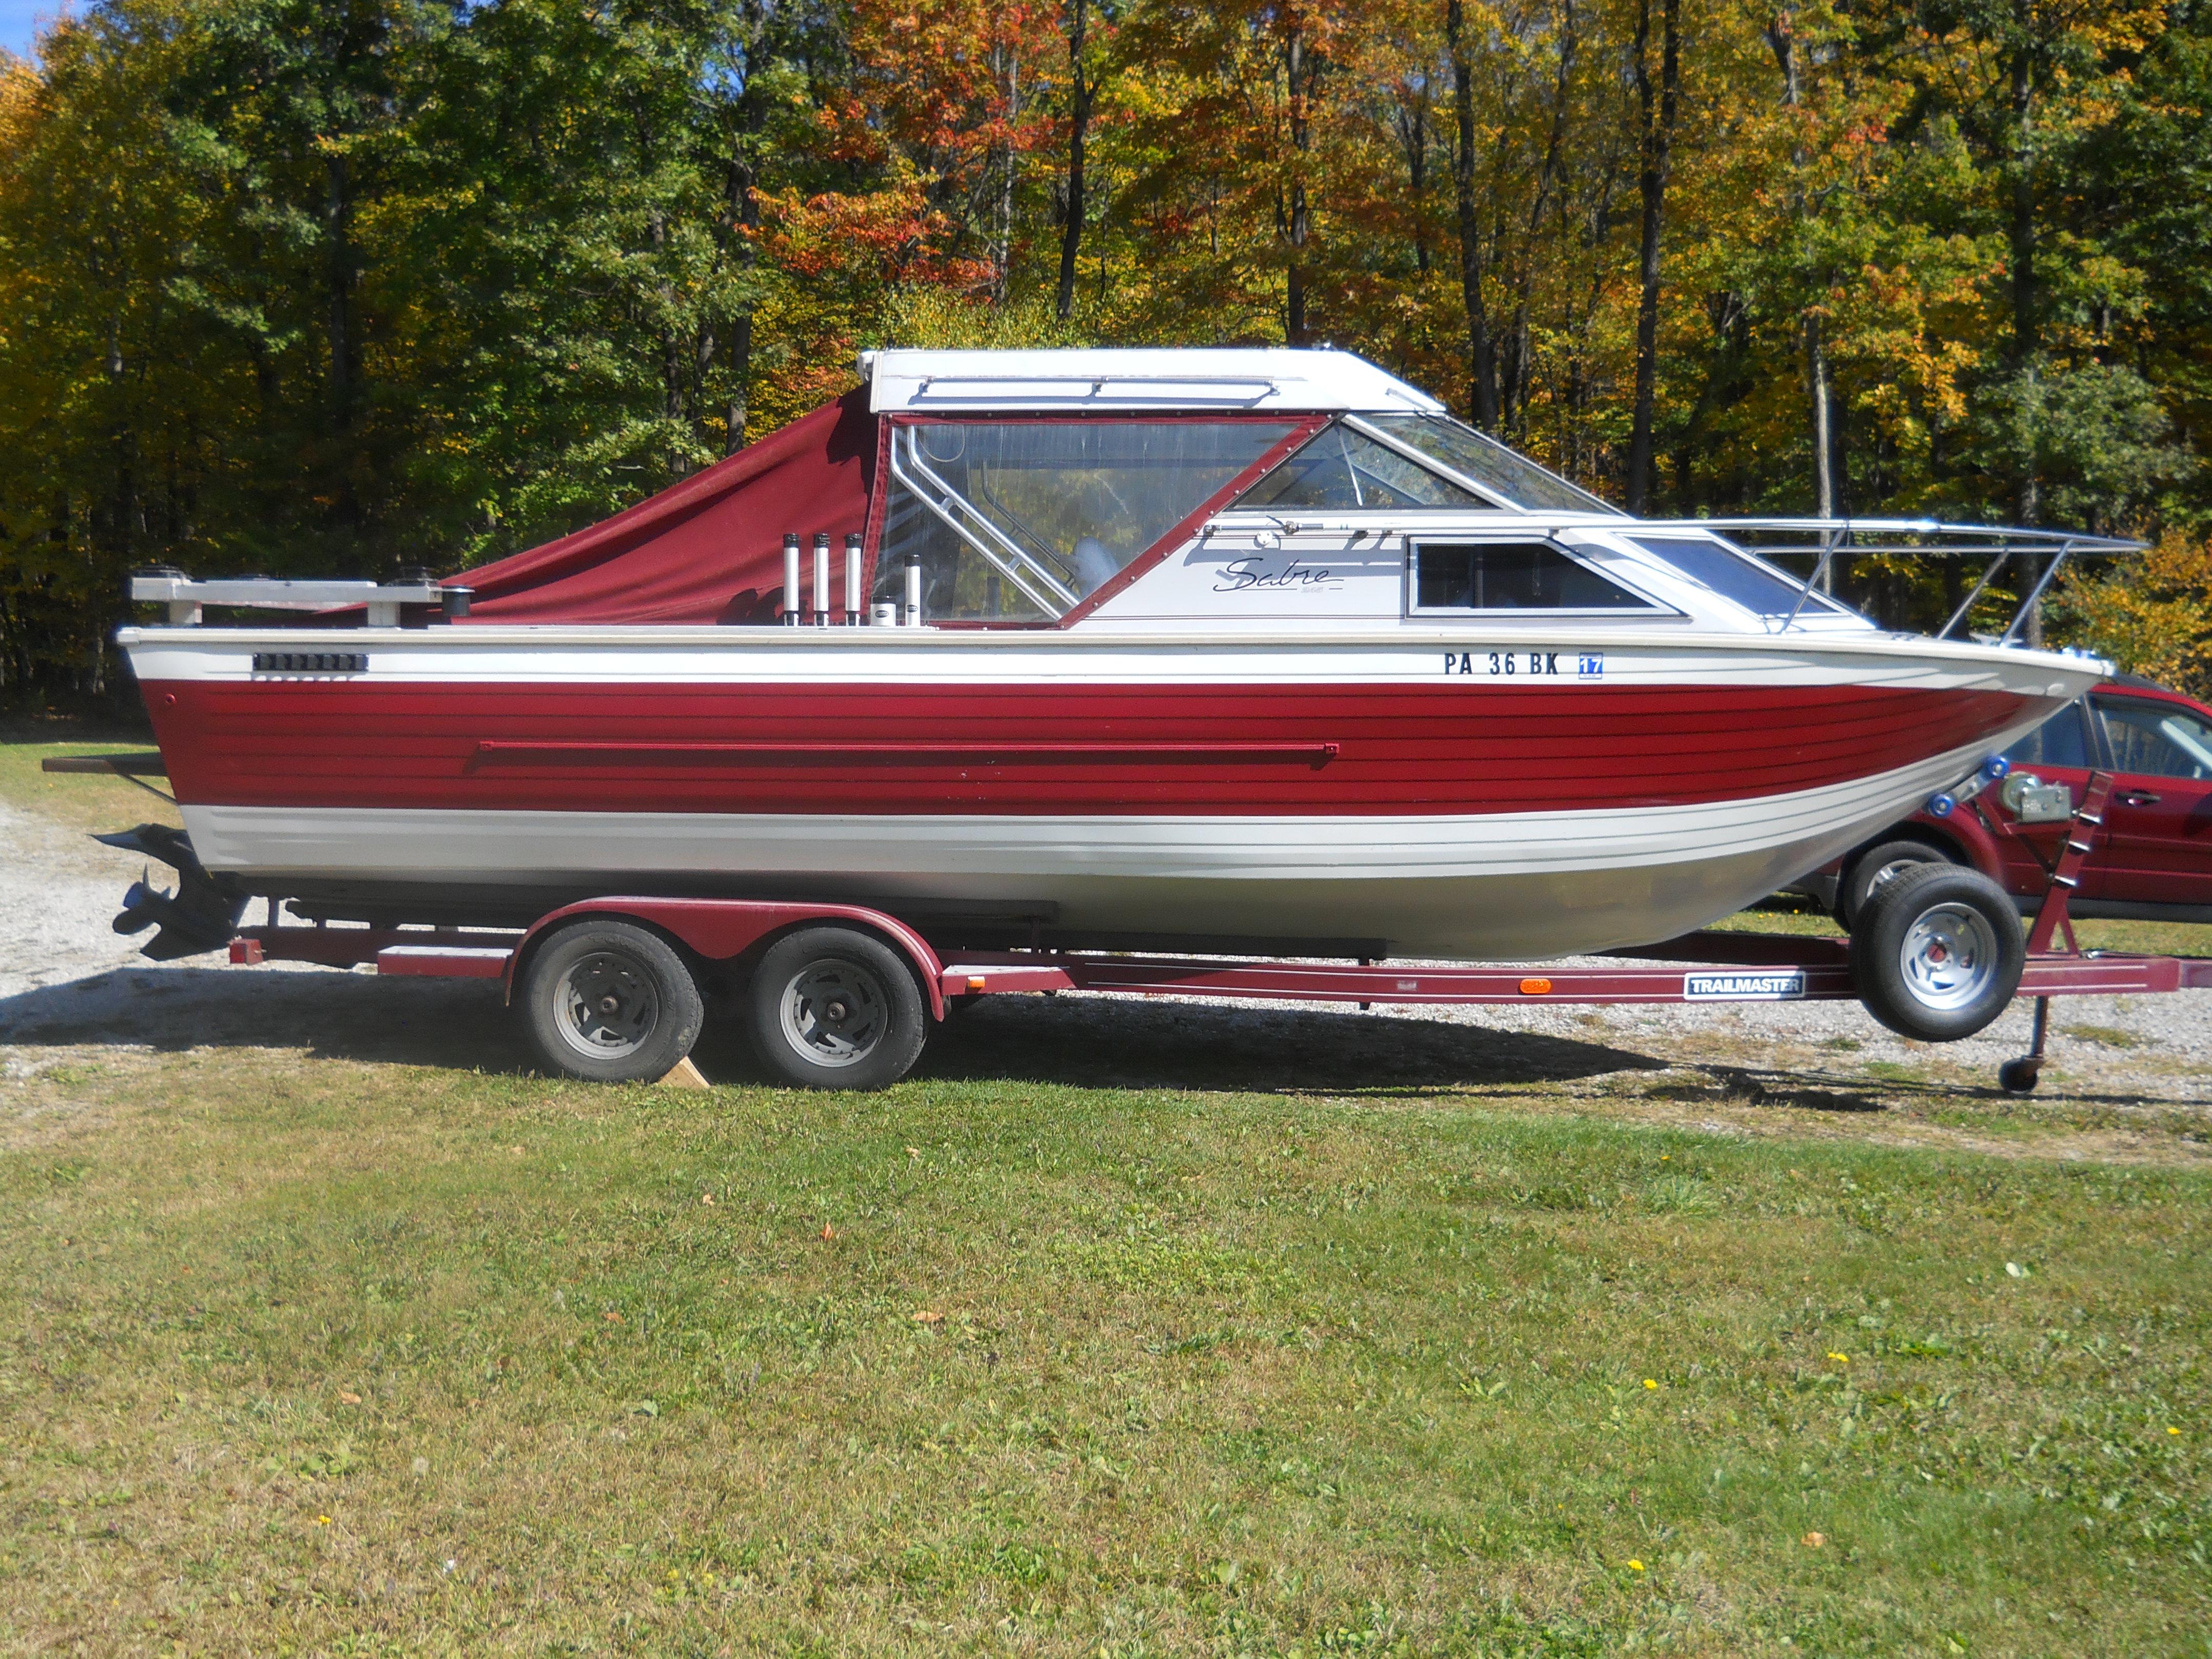 Master Bedroom Oxnard 27 Ft Bayliner Cabin Cruiser Bayliner 2855 Cabin Cruiser